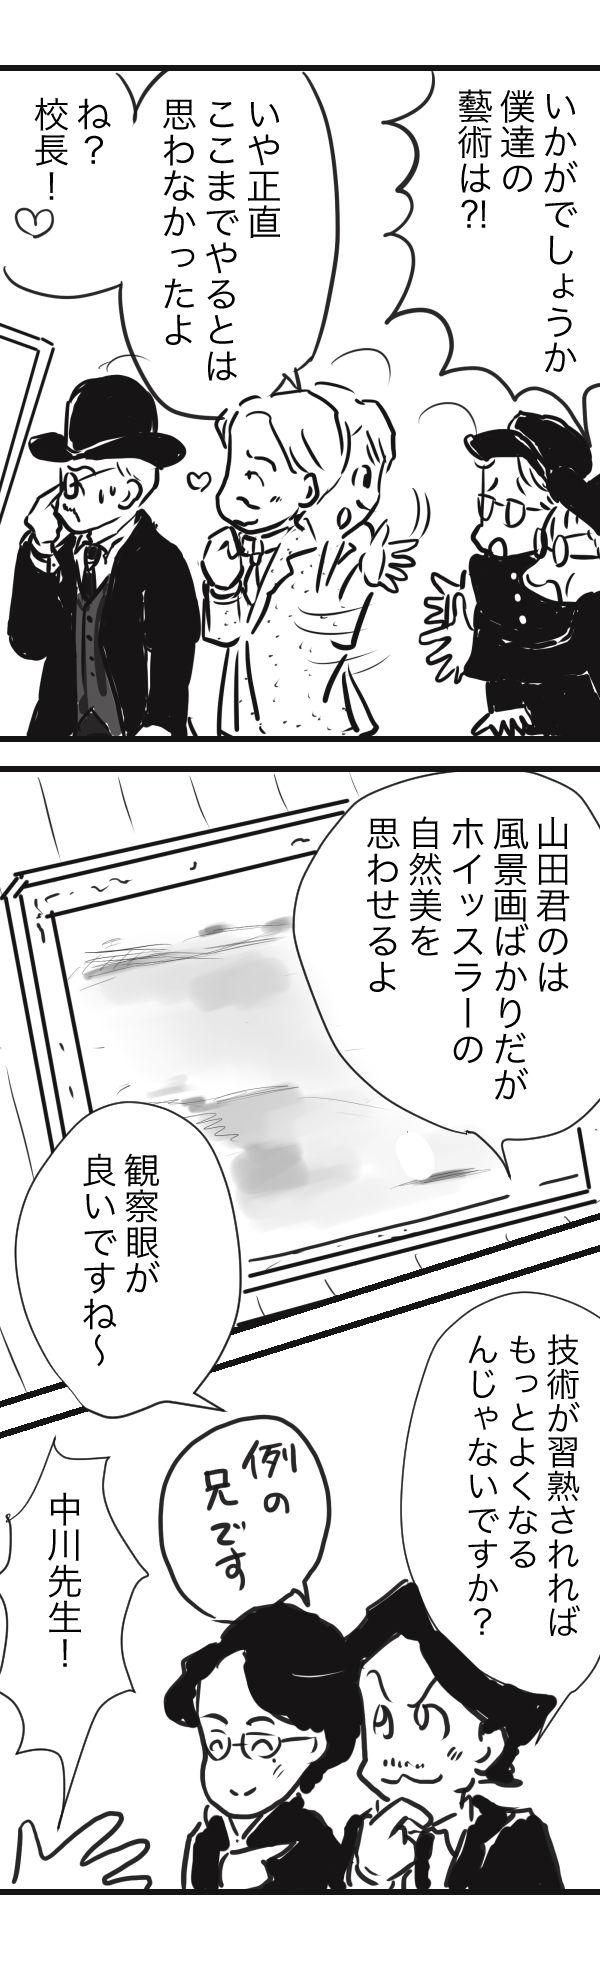 山田 金沢10−2−2